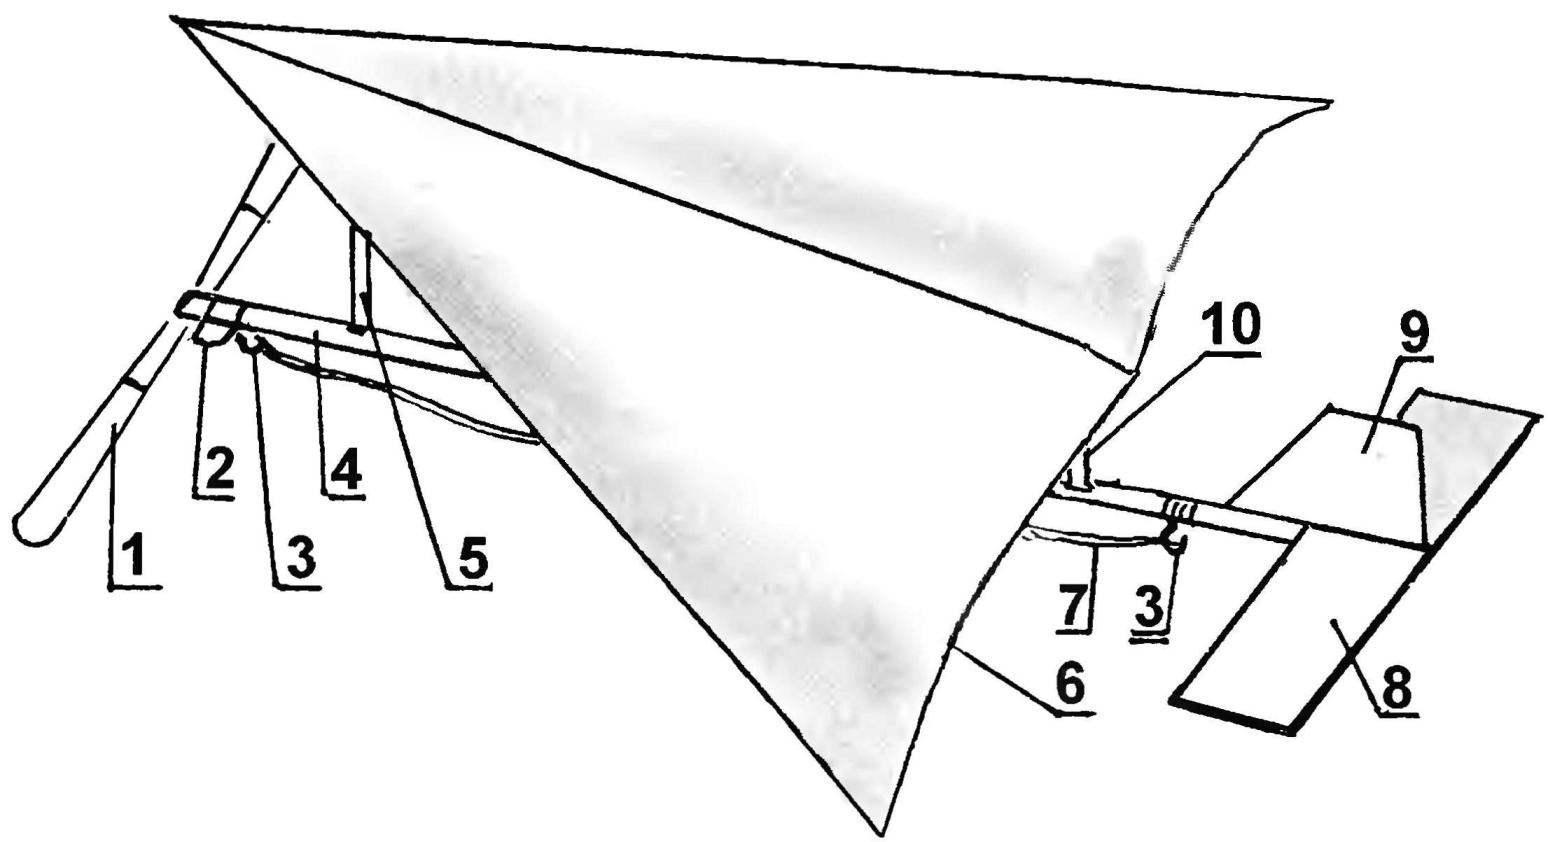 Fig. 1. Trike